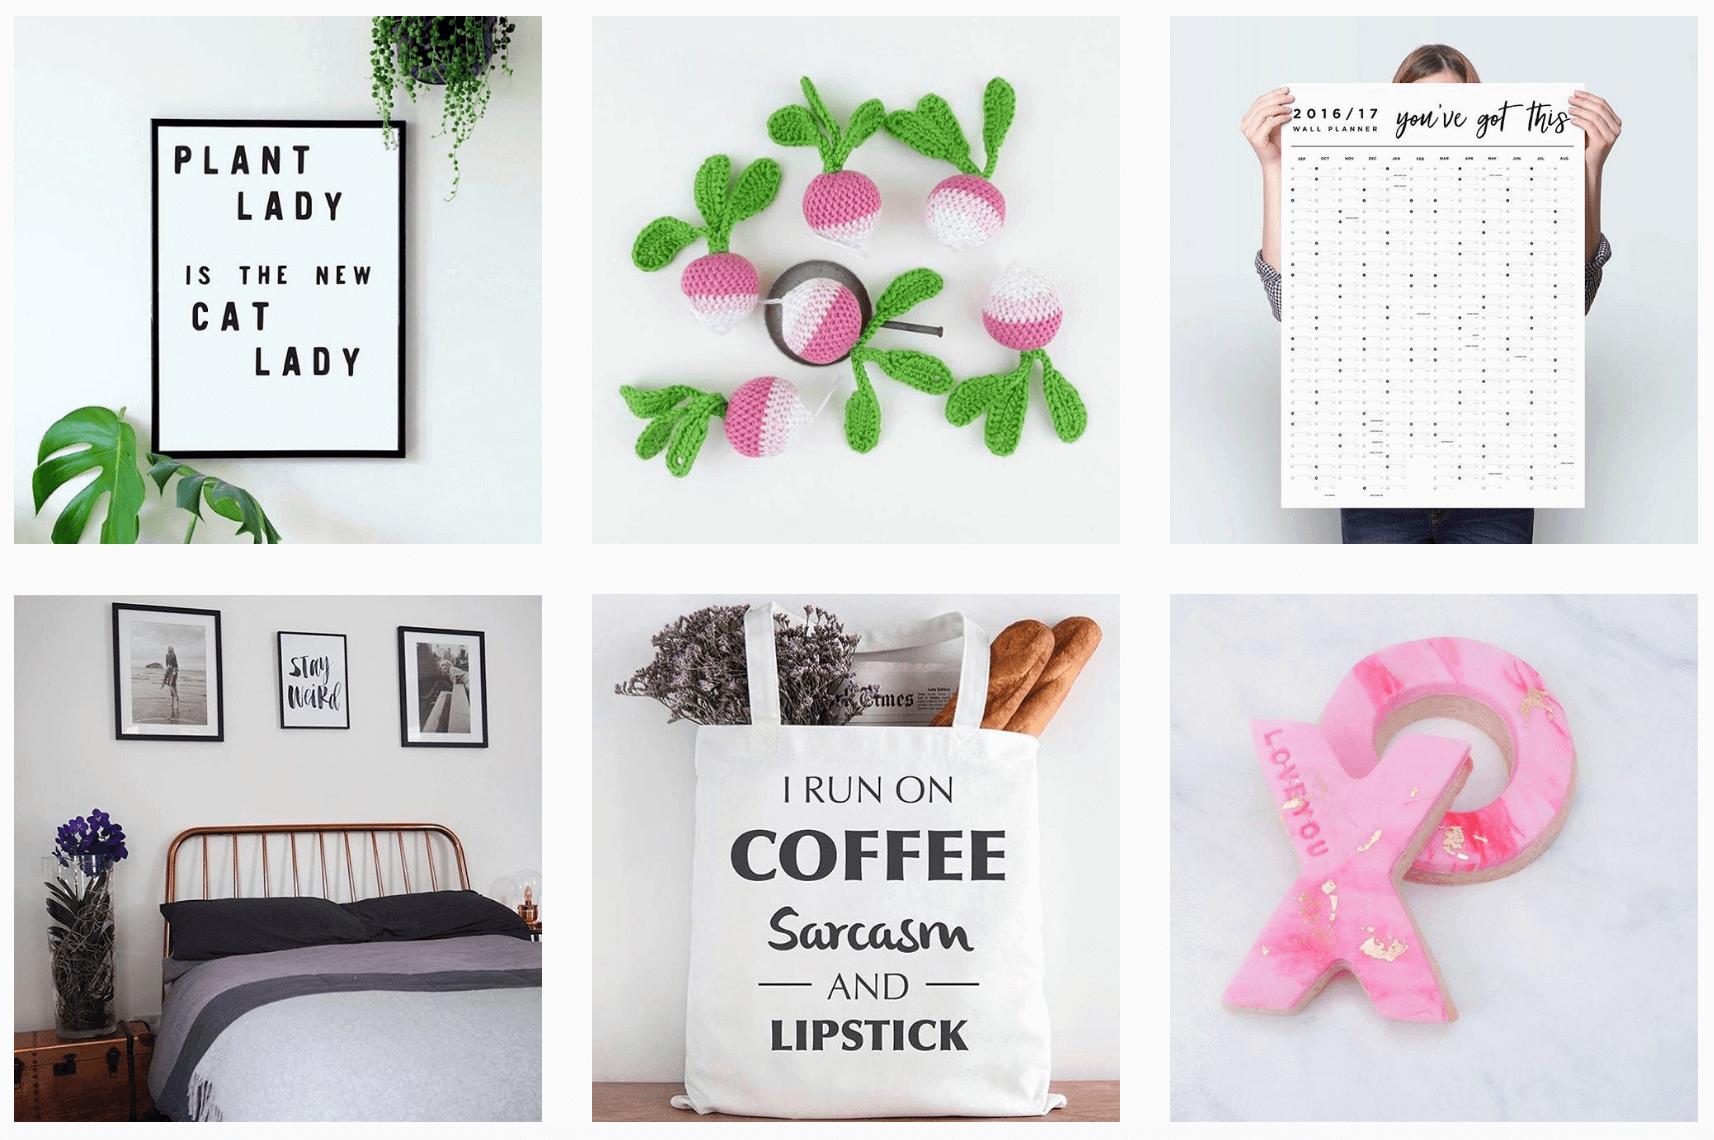 Как выстроить удачную бизнес-стратегию в Instagram